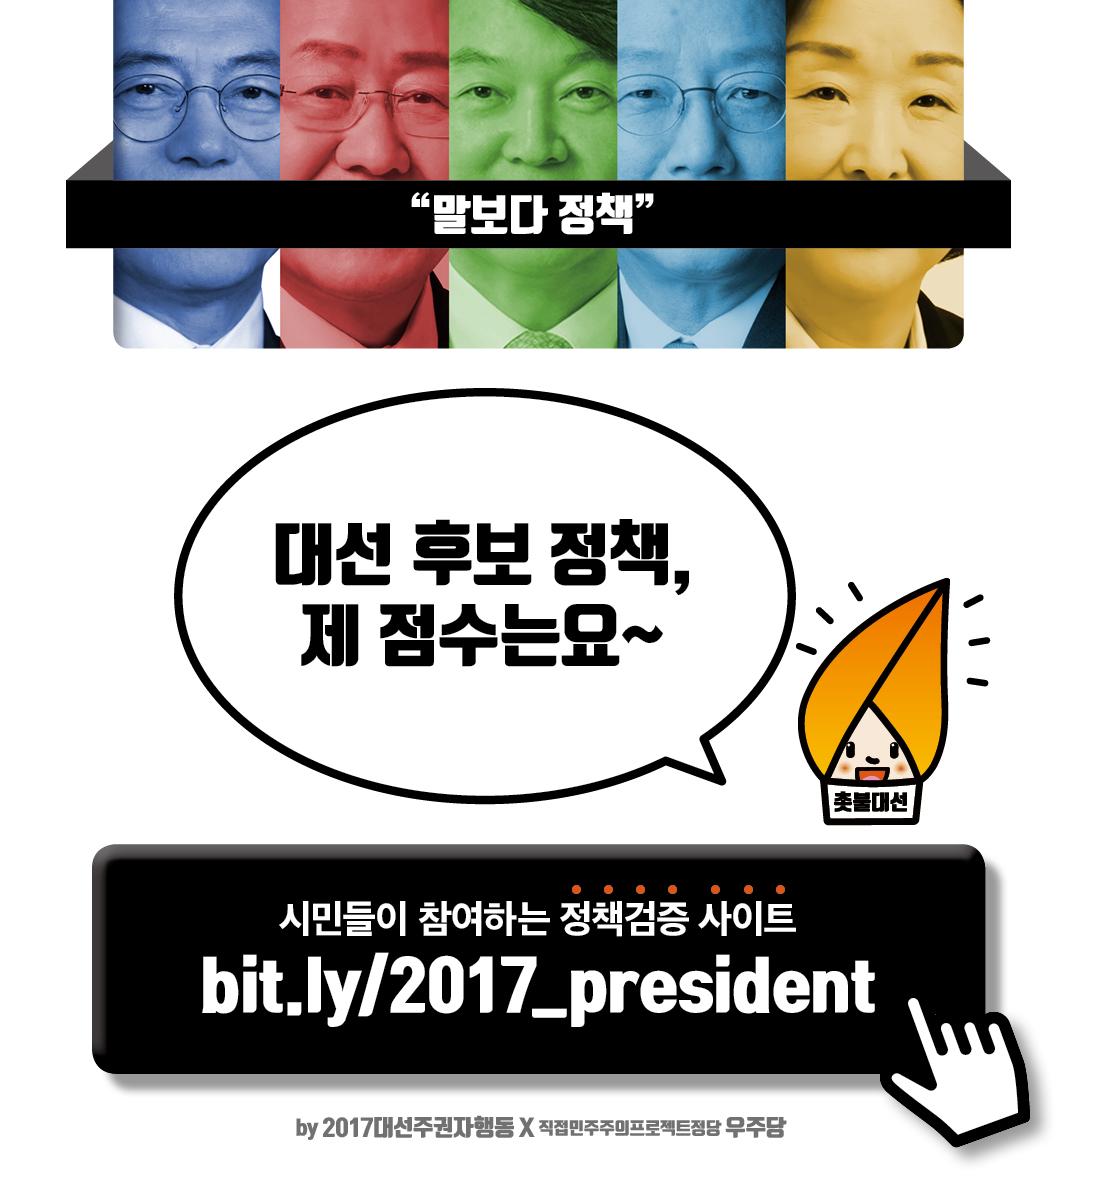 2017대선주권자행동 후보별 정책 검증